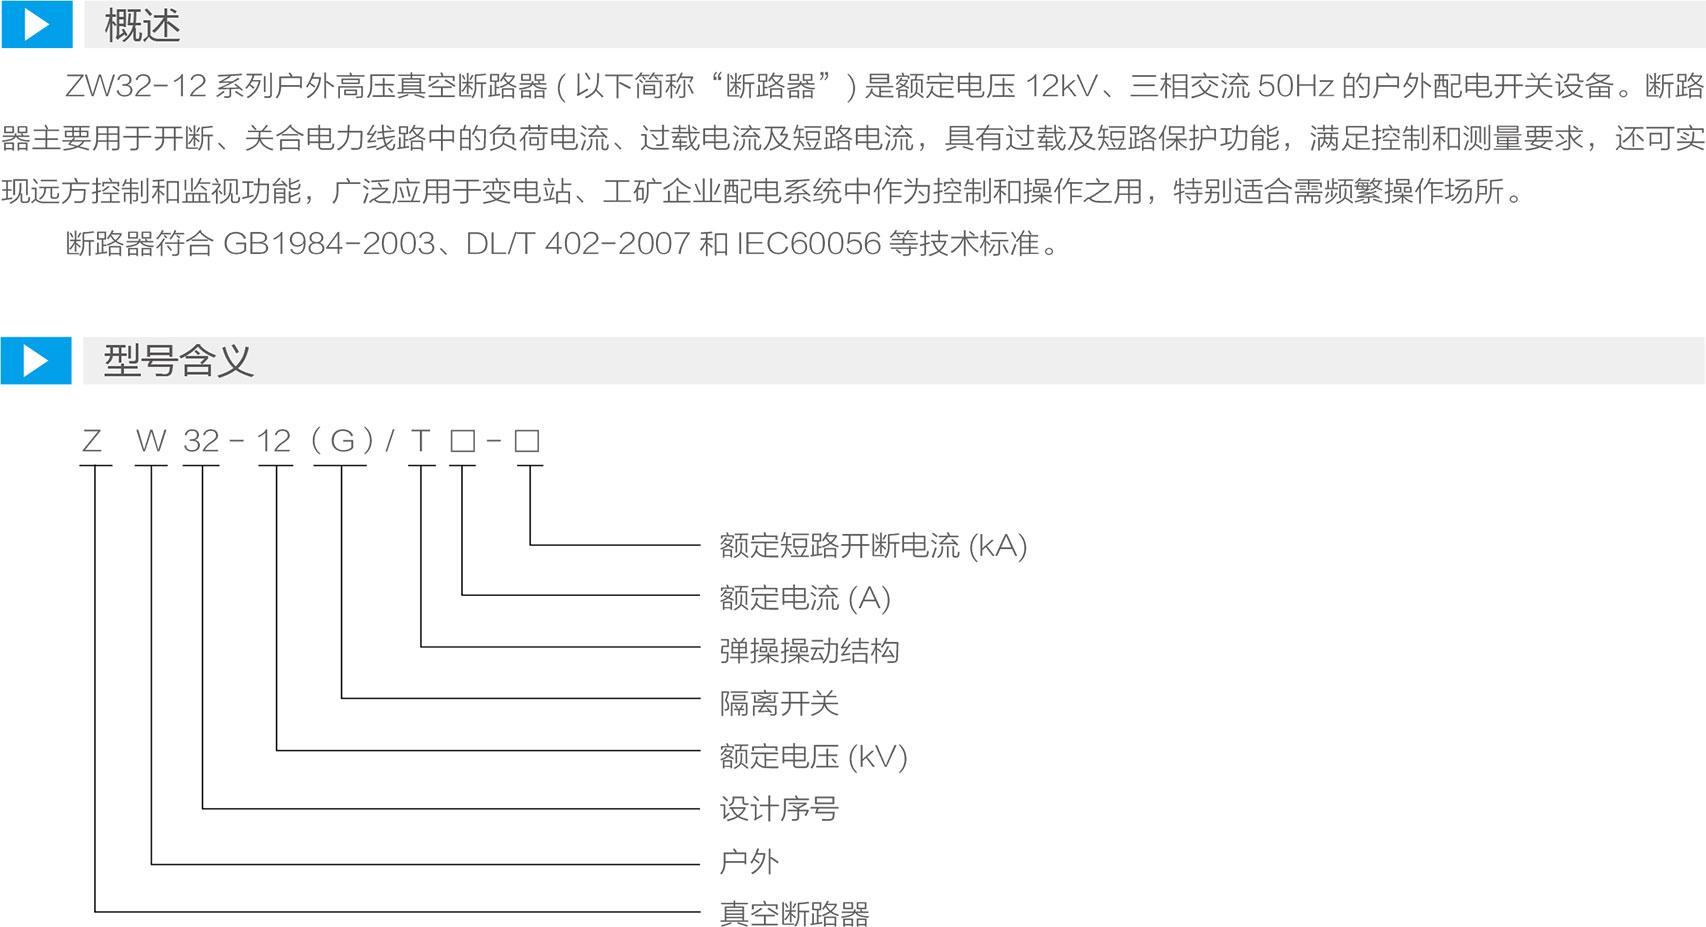 ZW32-12户外高压真空断路器型号含义及技术参数